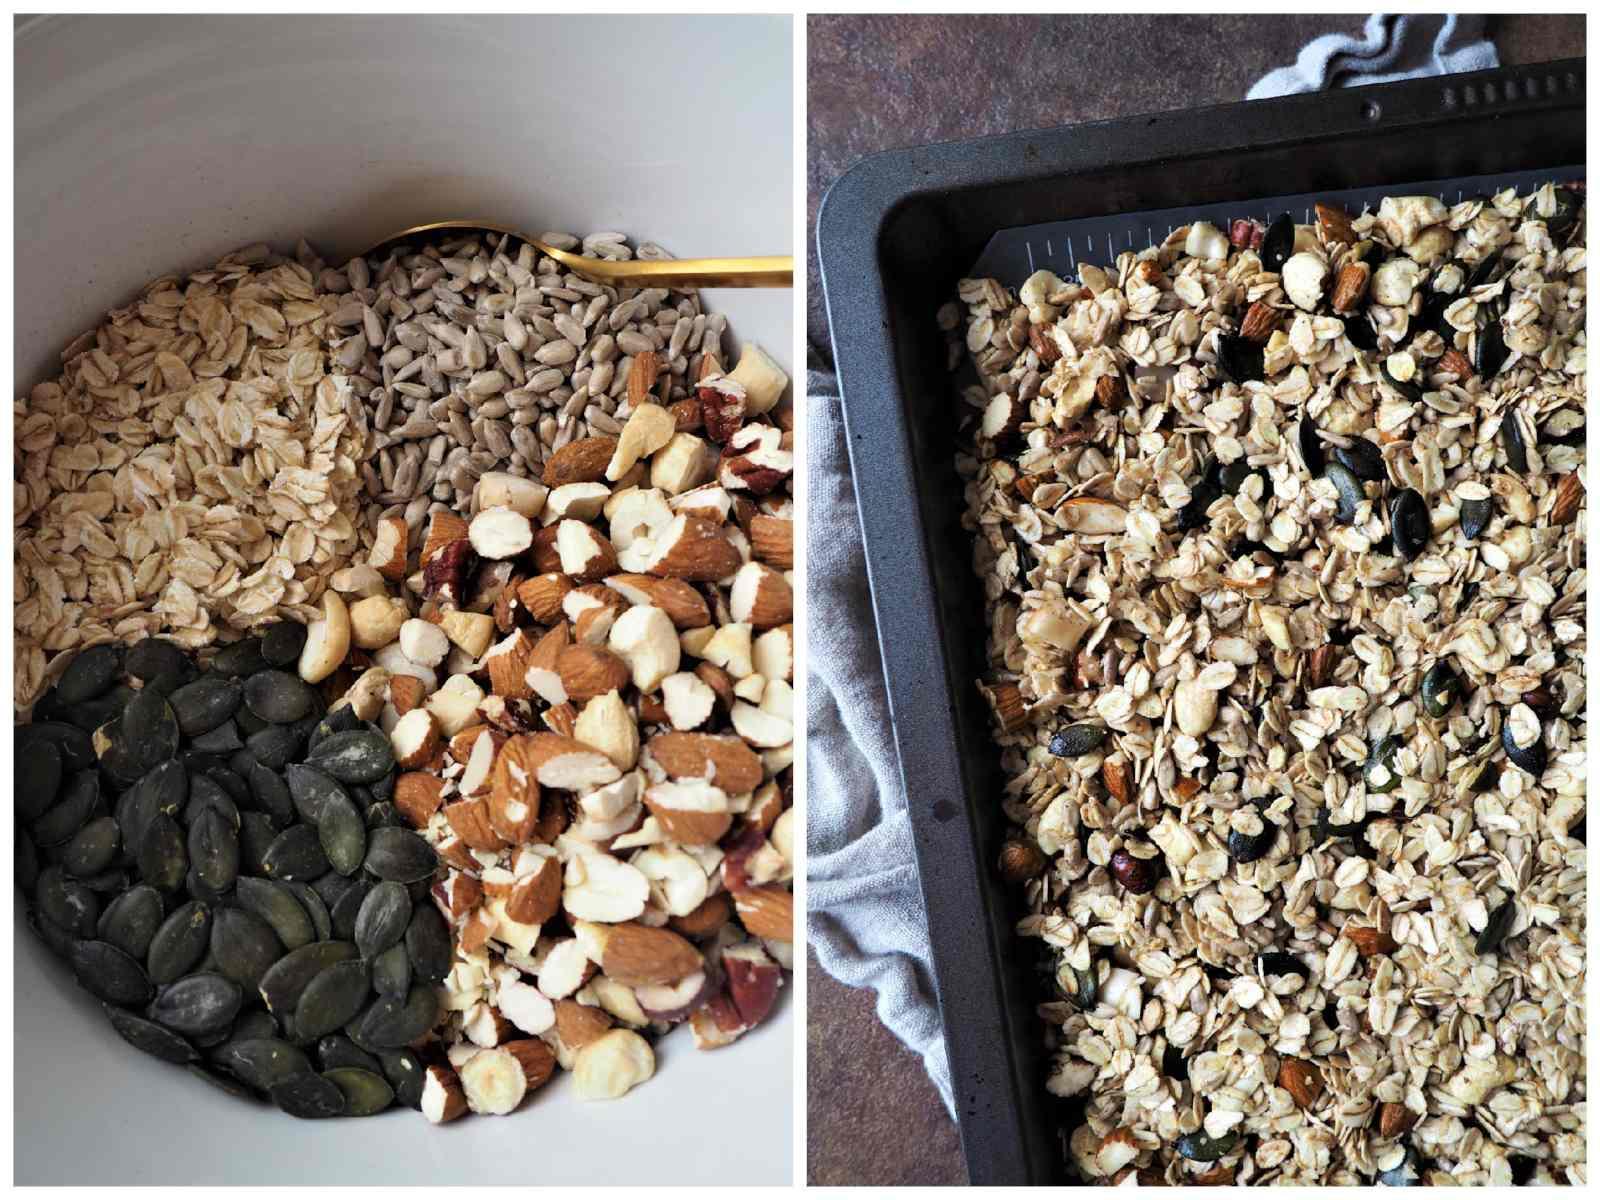 Veganes Pumpkin Pie Spice Knuspermüsli - Alle Zutaten in der Schüssel und auf dem Backblech